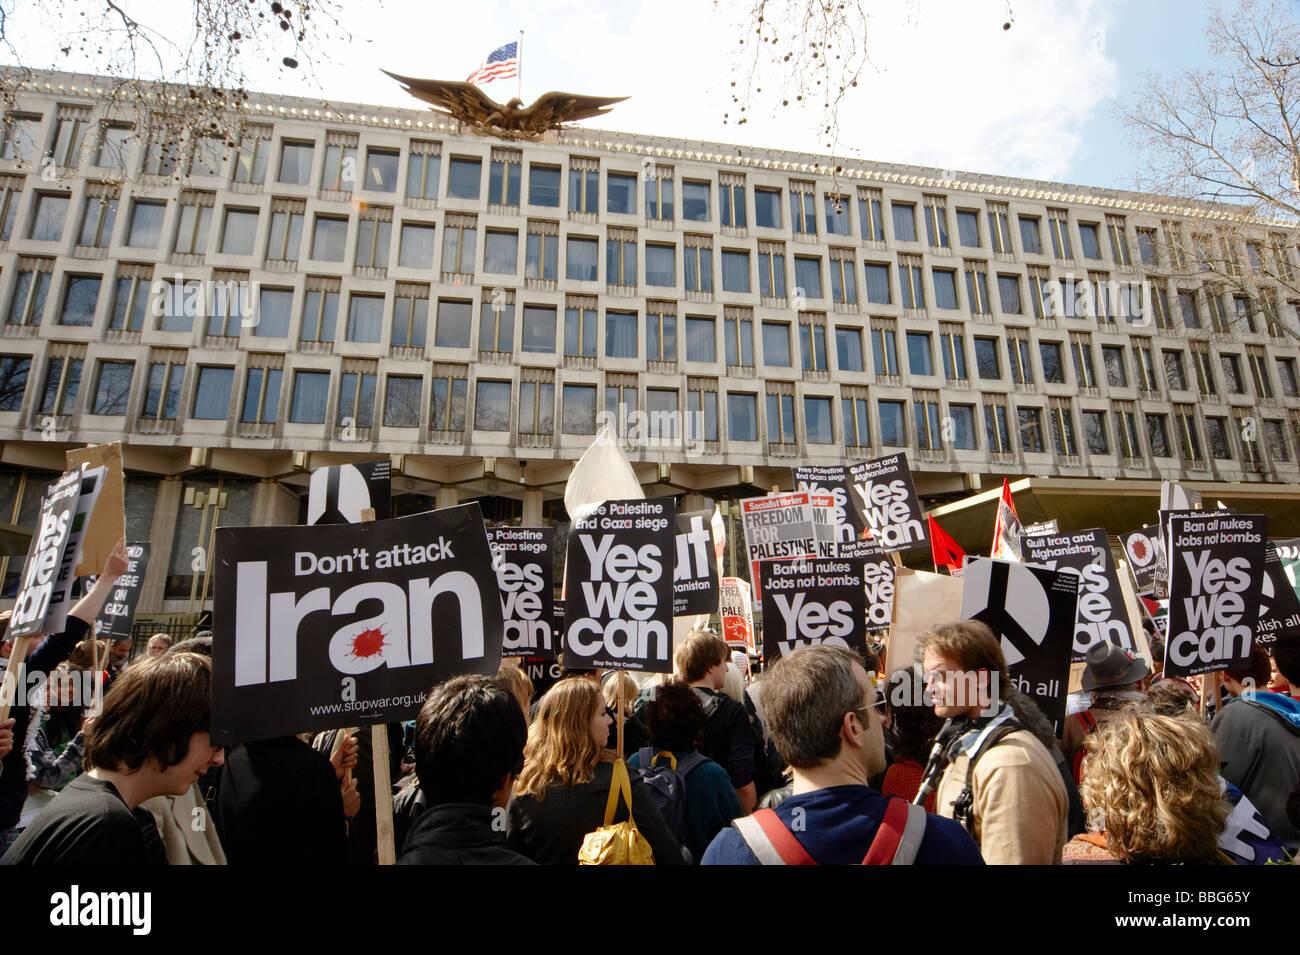 La paix contre la guerre nous manifestants devant l'ambassade américaine à Londres UK Photo Stock